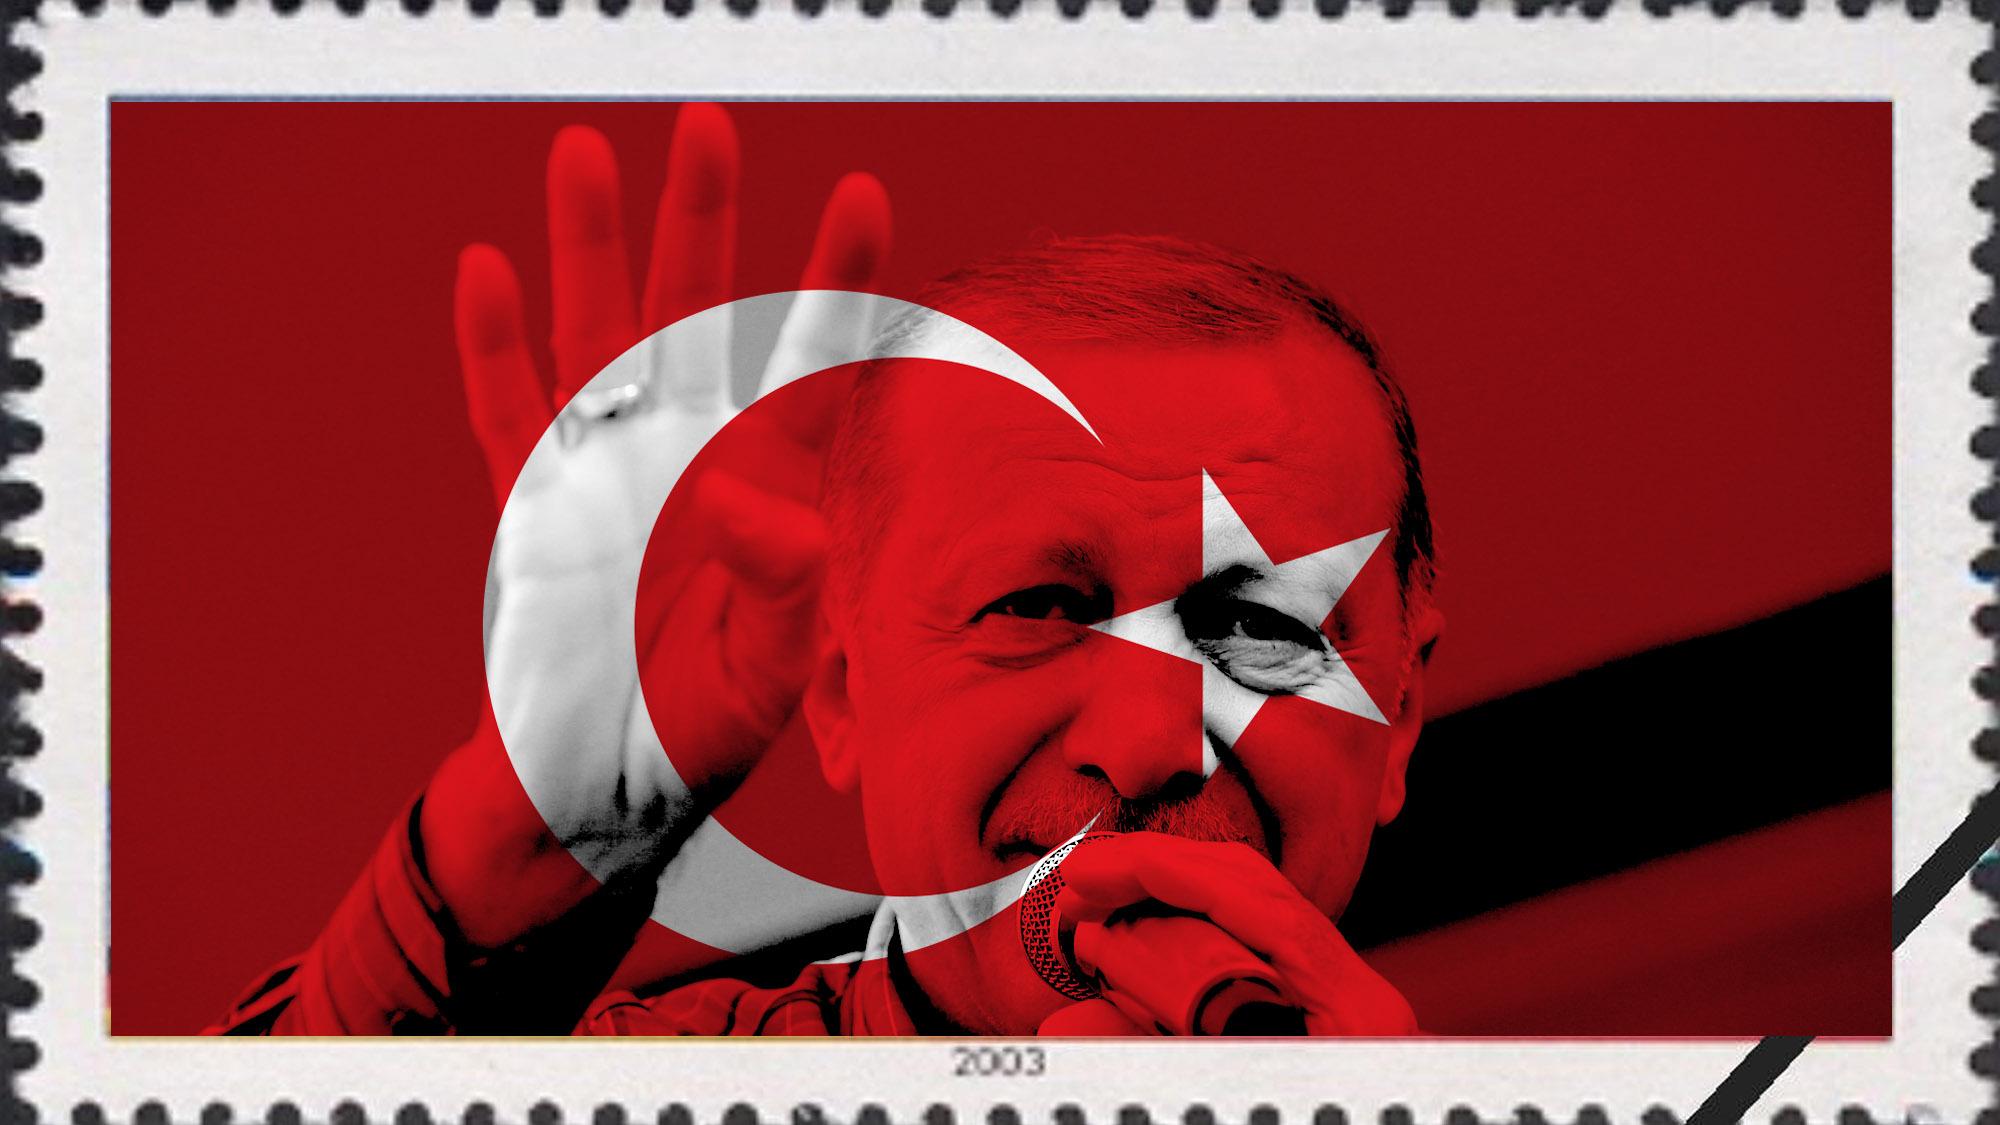 Liebesgrüsse aus Ankara: Der türkische Präsident Recep Tayyip Erdogan schickt Briefe an Basler Türken.